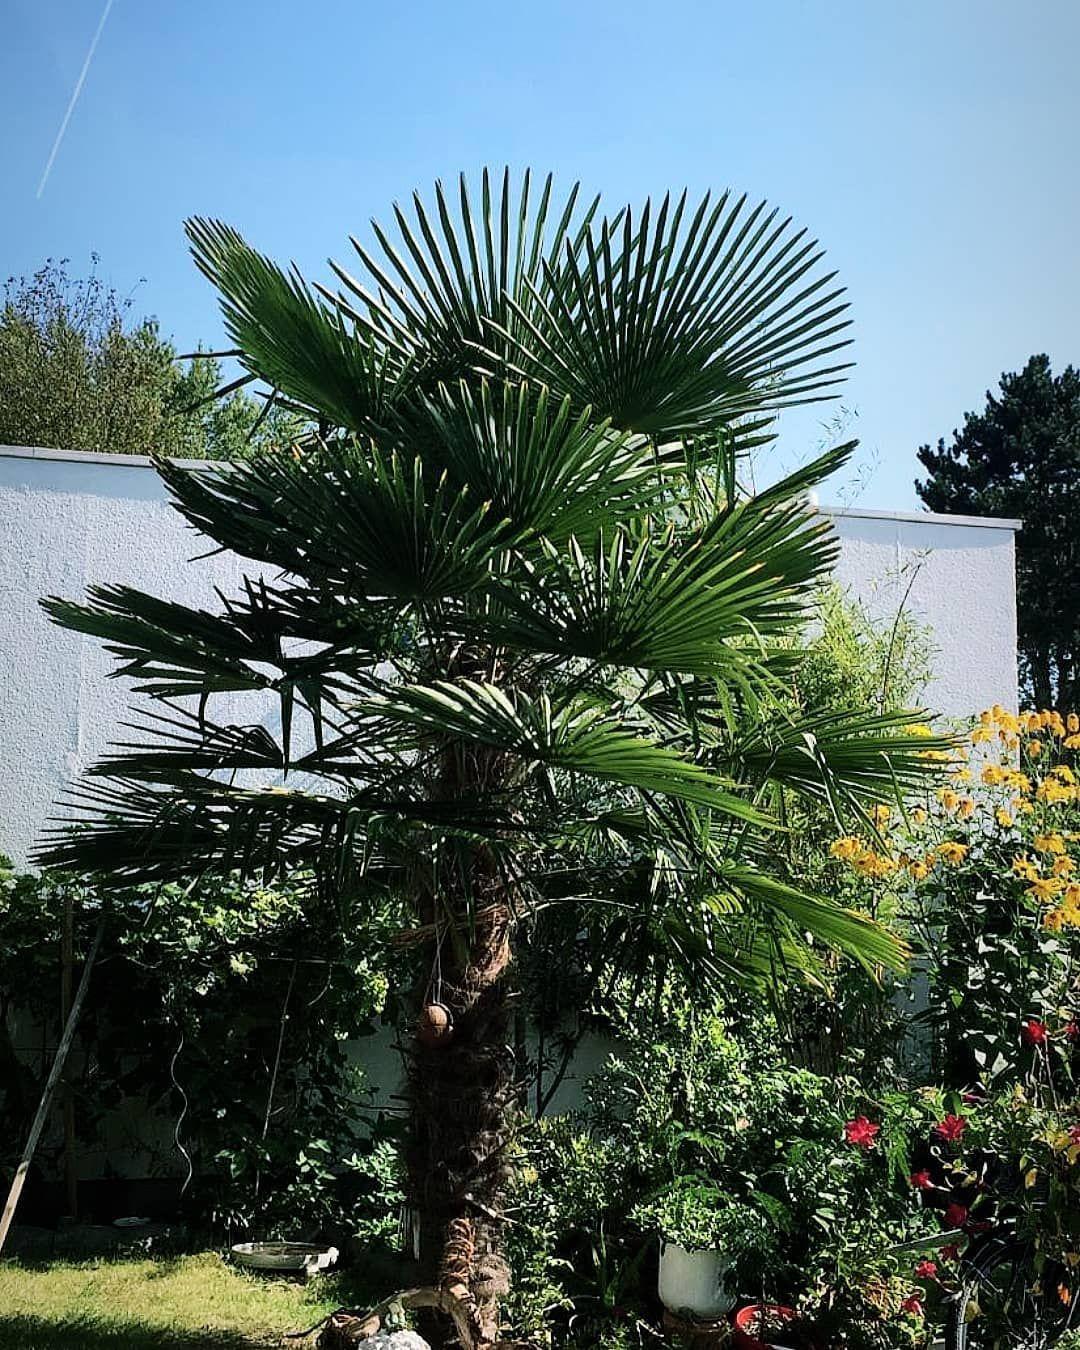 Mama S Garten Palmen Gartengestaltung Garten Sommer Gartenideen Green Nature Gartengestaltung Garten Ideen Garten